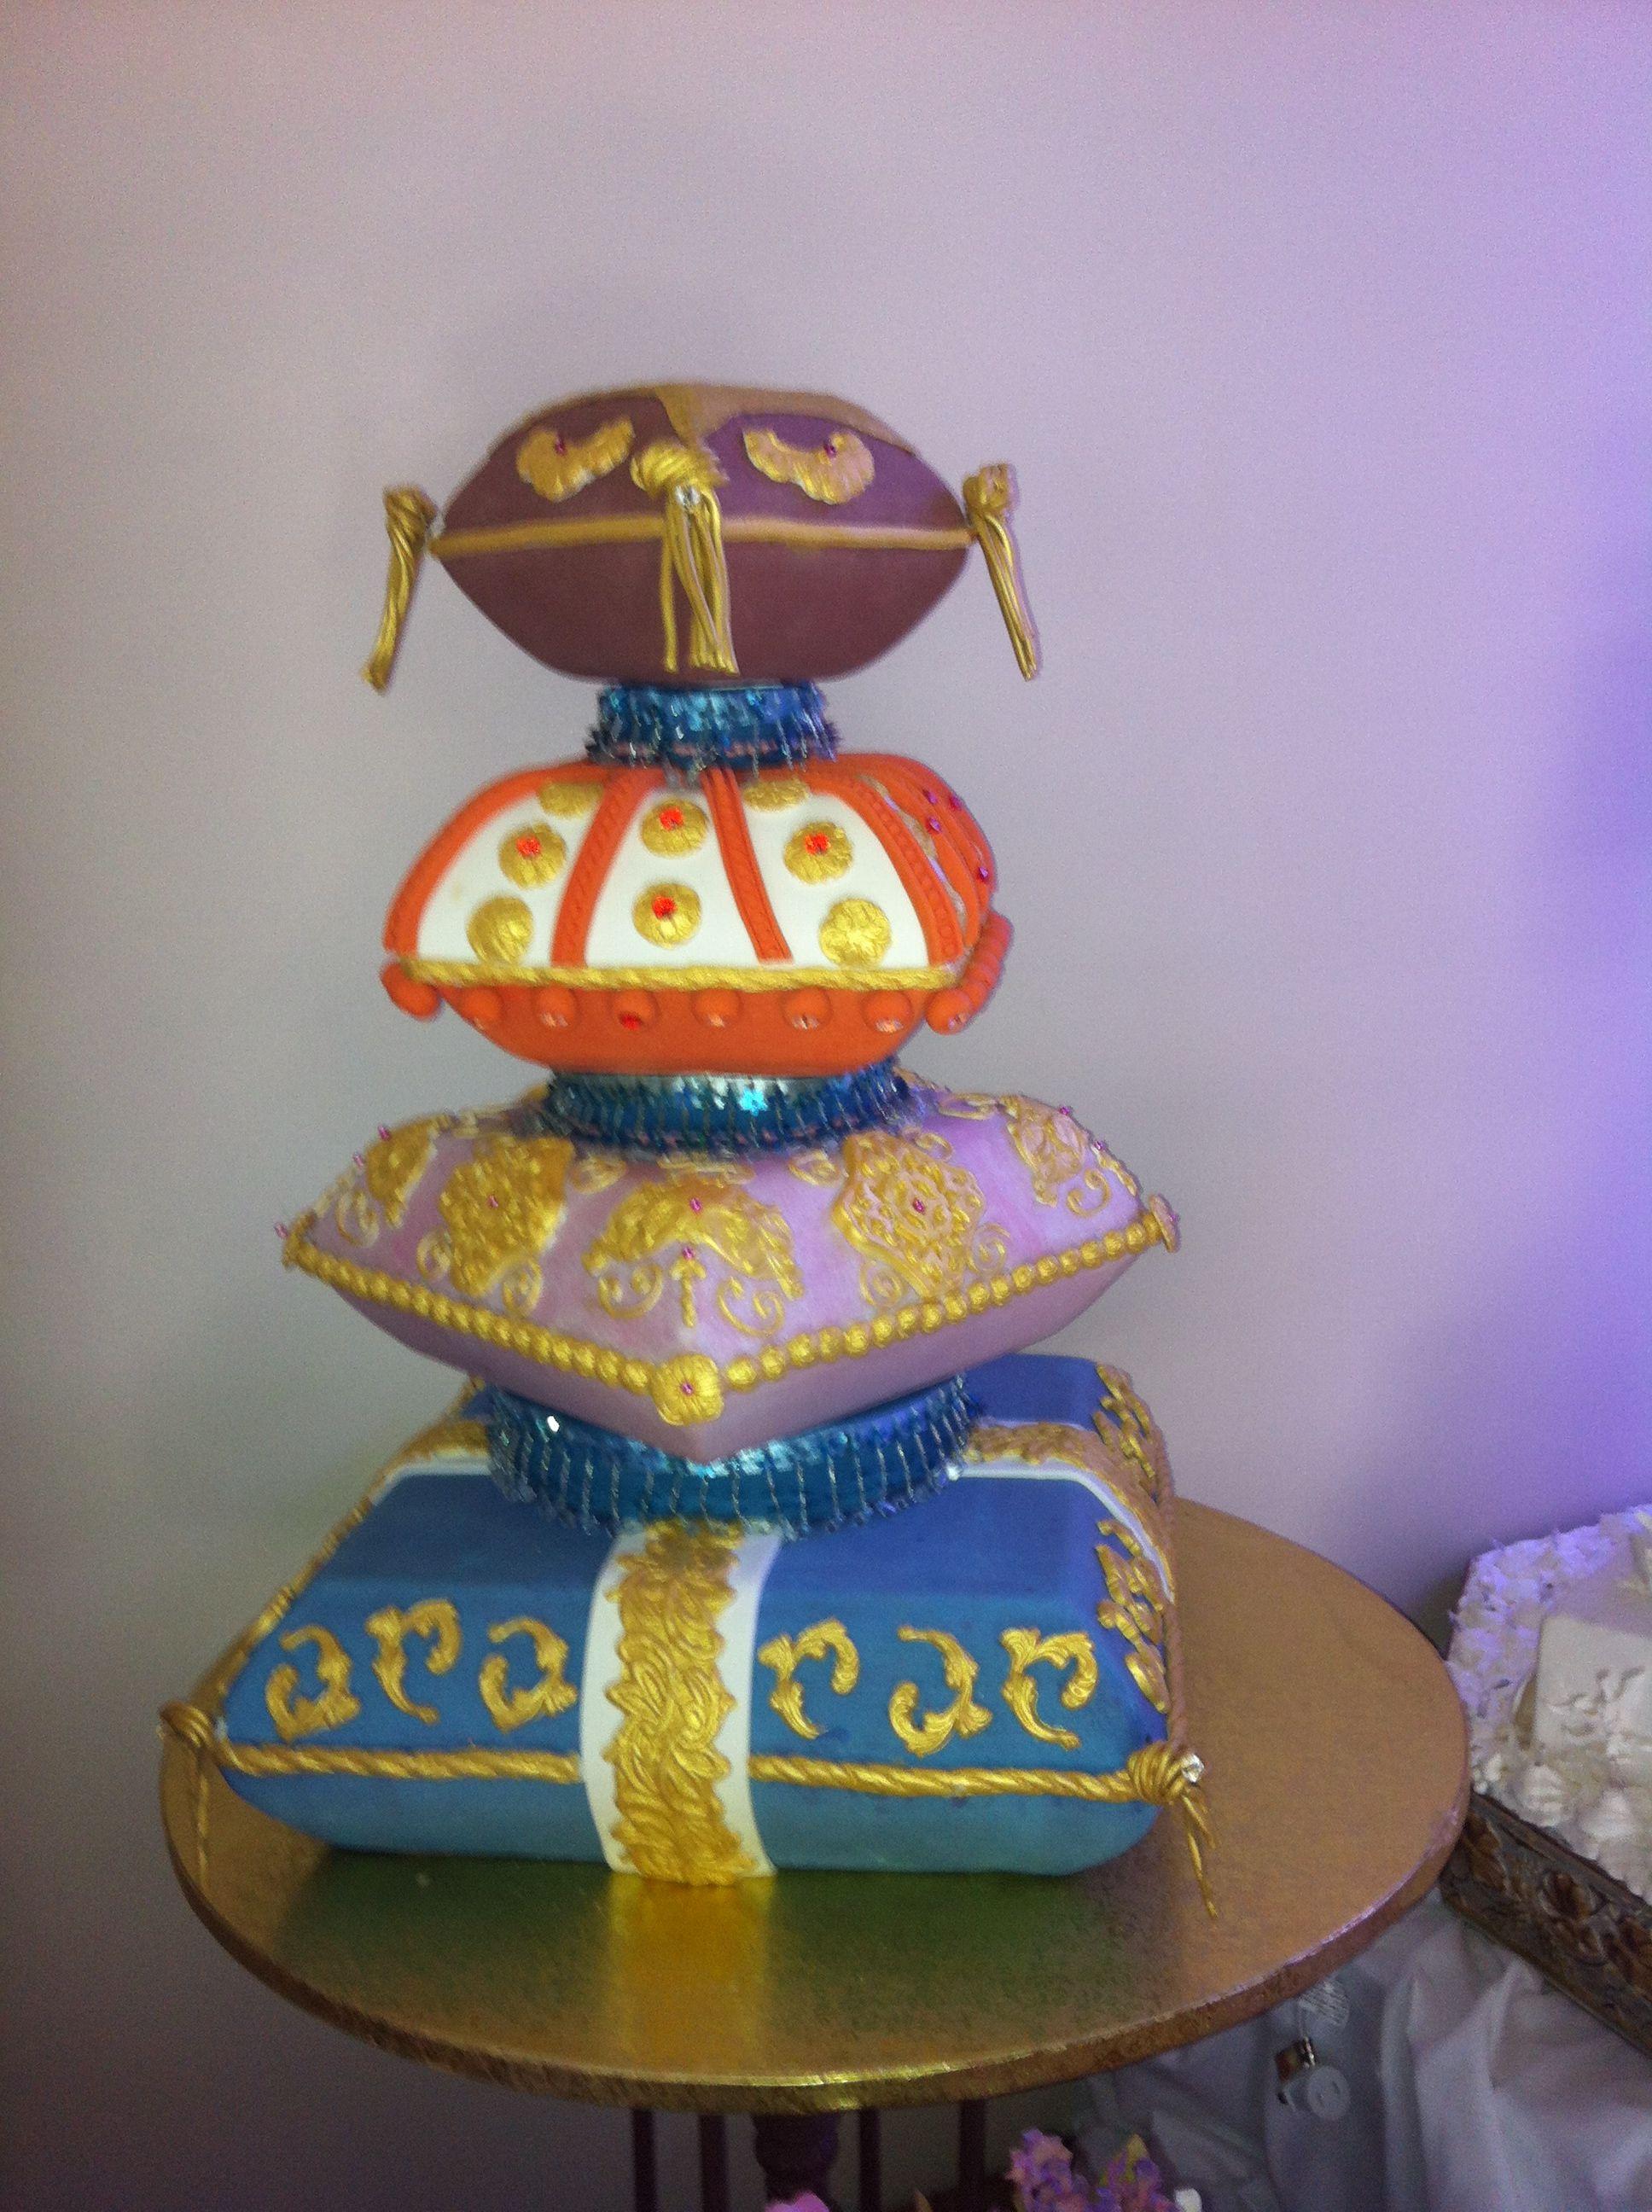 Elite cakes cooper city fl cake food desserts